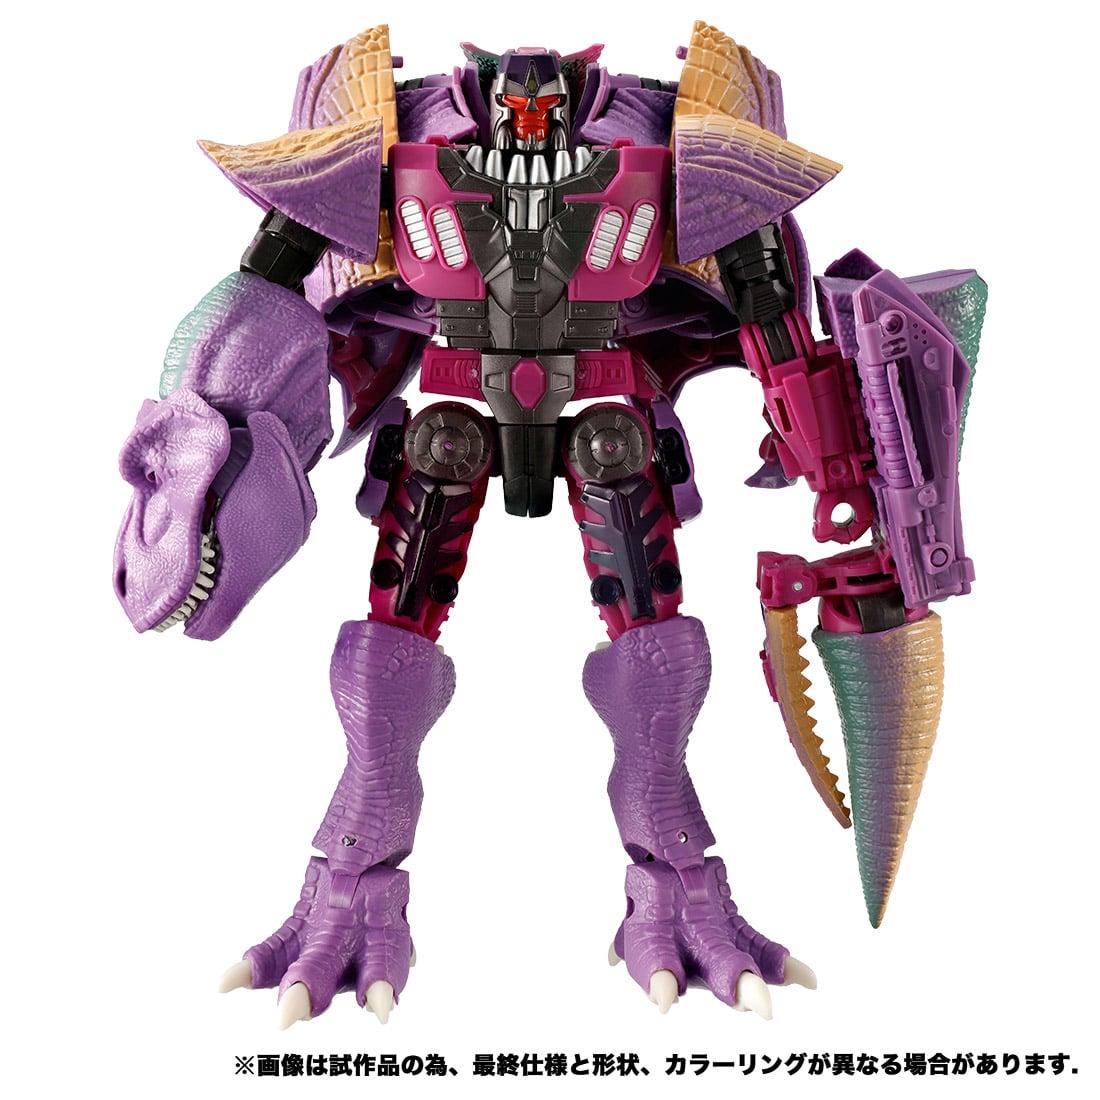 トランスフォーマー キングダム『KD-04 メガトロン(ビースト)』ビーストウォーズ 可変可動フィギュア-005